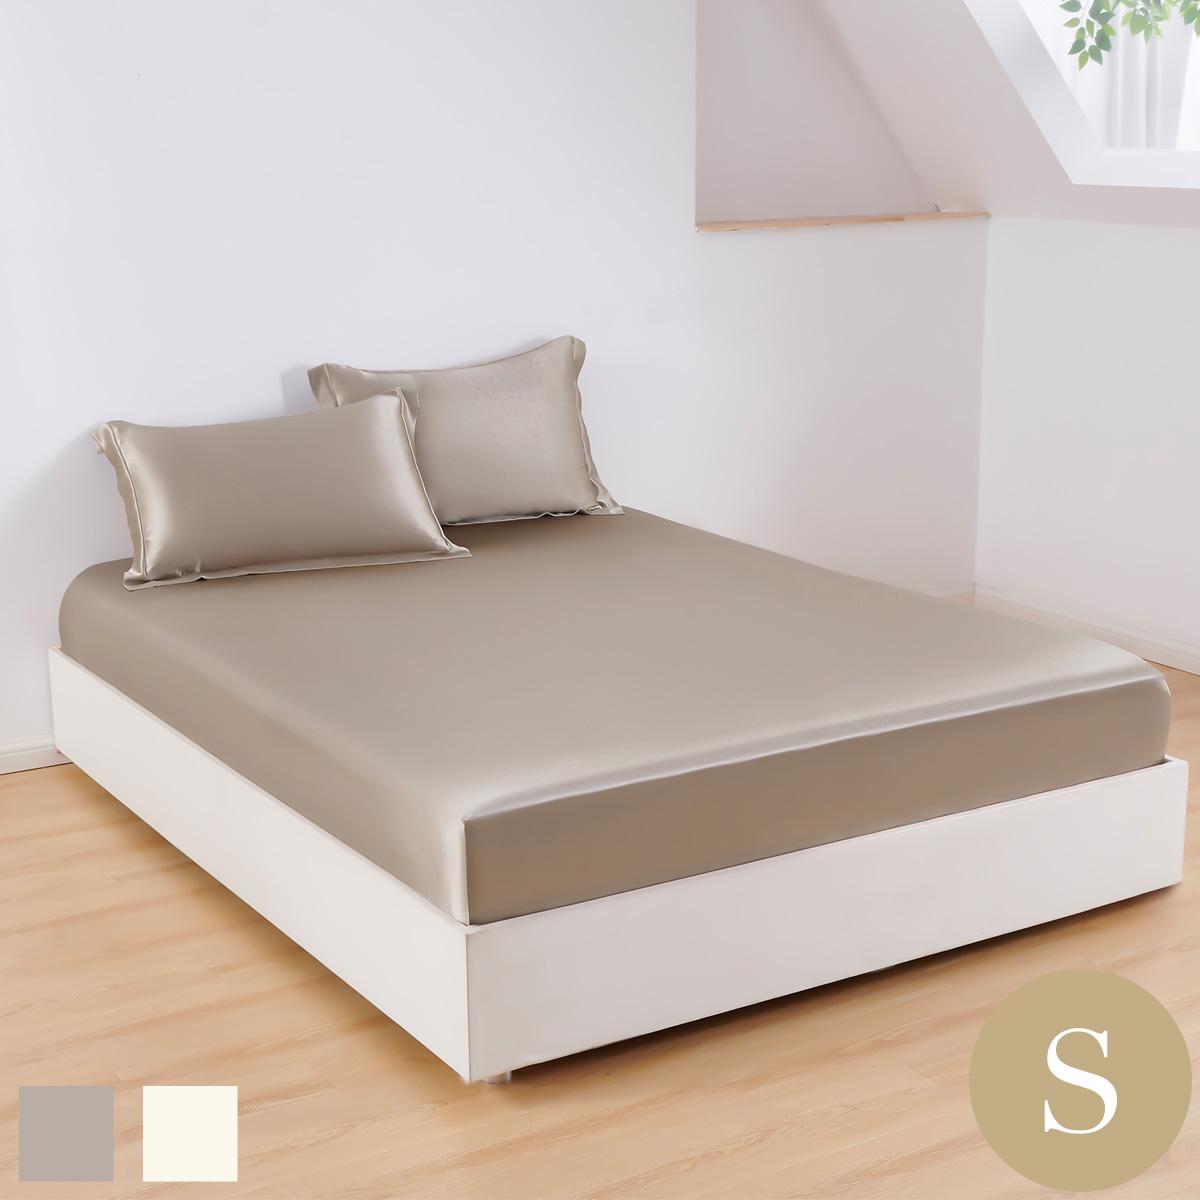 シングル | 100×200cm | 高さ38cm | ボックスシーツ1枚 | 包み型スタンダード枕カバー2枚 |  22匁 シルク